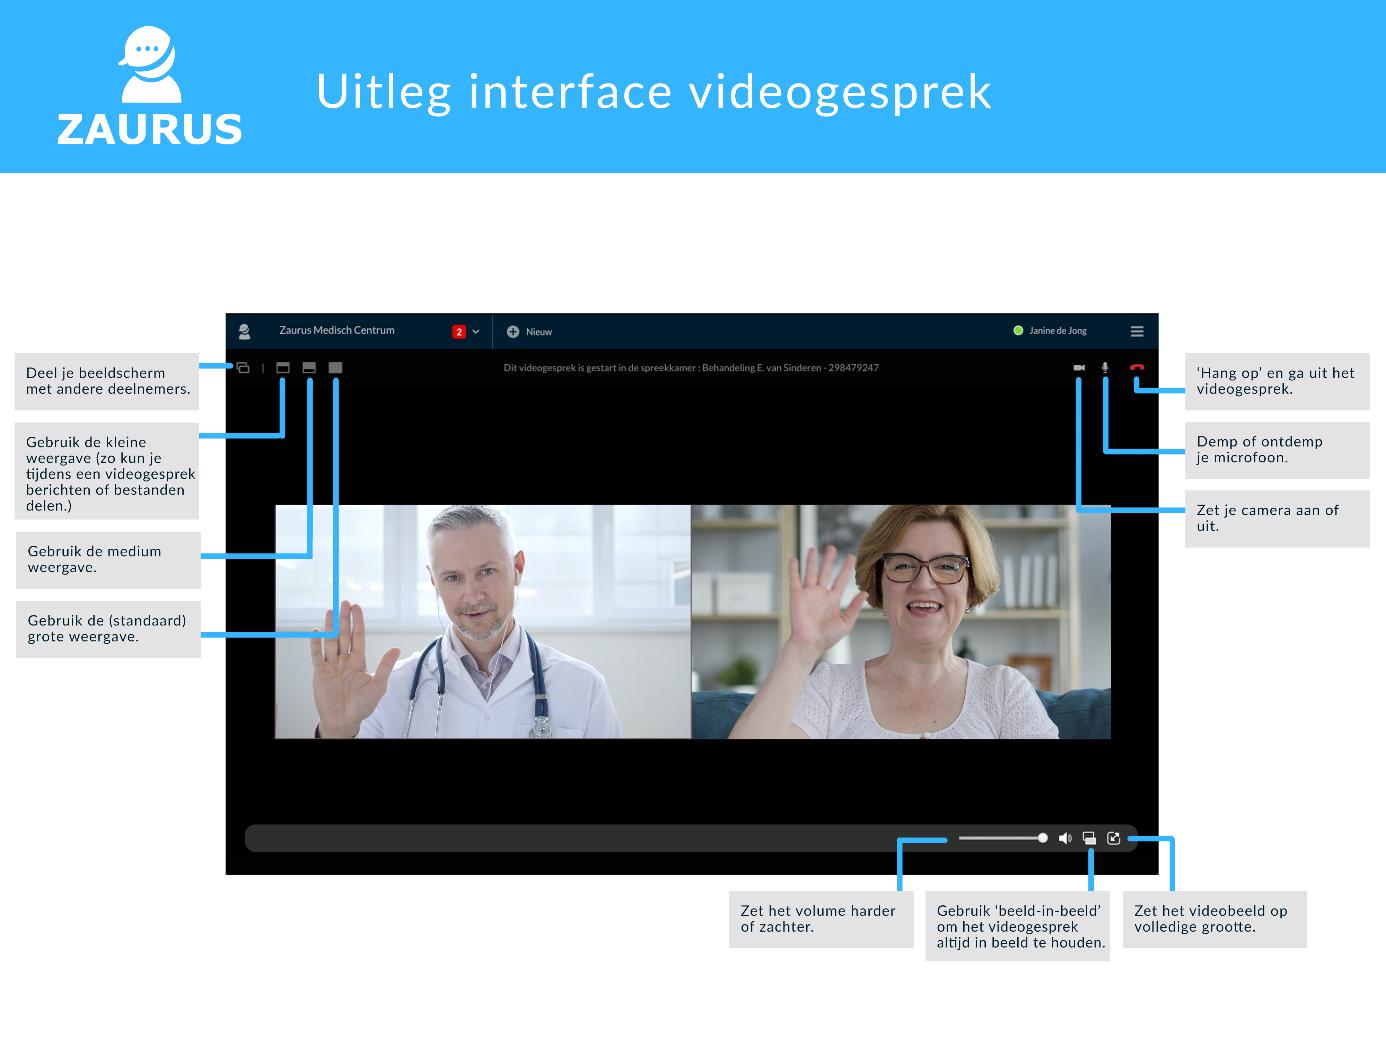 Afbeelding met tekst, schermafbeelding, scherm, verschillend  Automatisch gegenereerde beschrijving